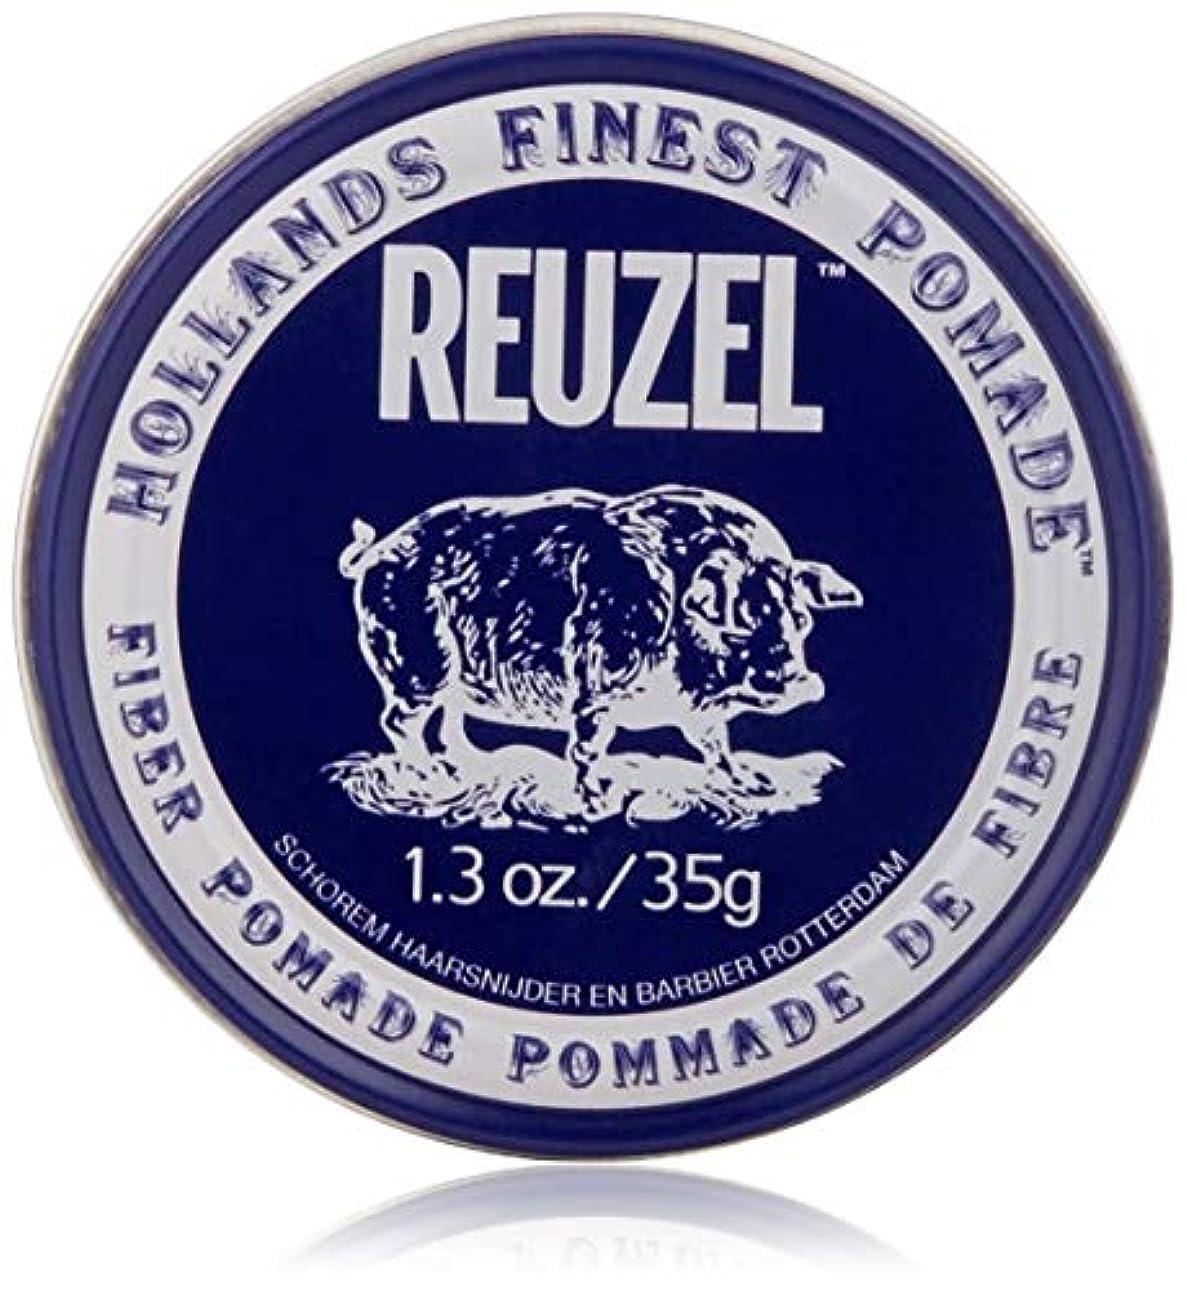 謙虚な流行しているふりをするREUZEL INC Reuzelナチュラルフィニッシュ繊維ポマード、1.3オンス 1.3オンス 濃紺